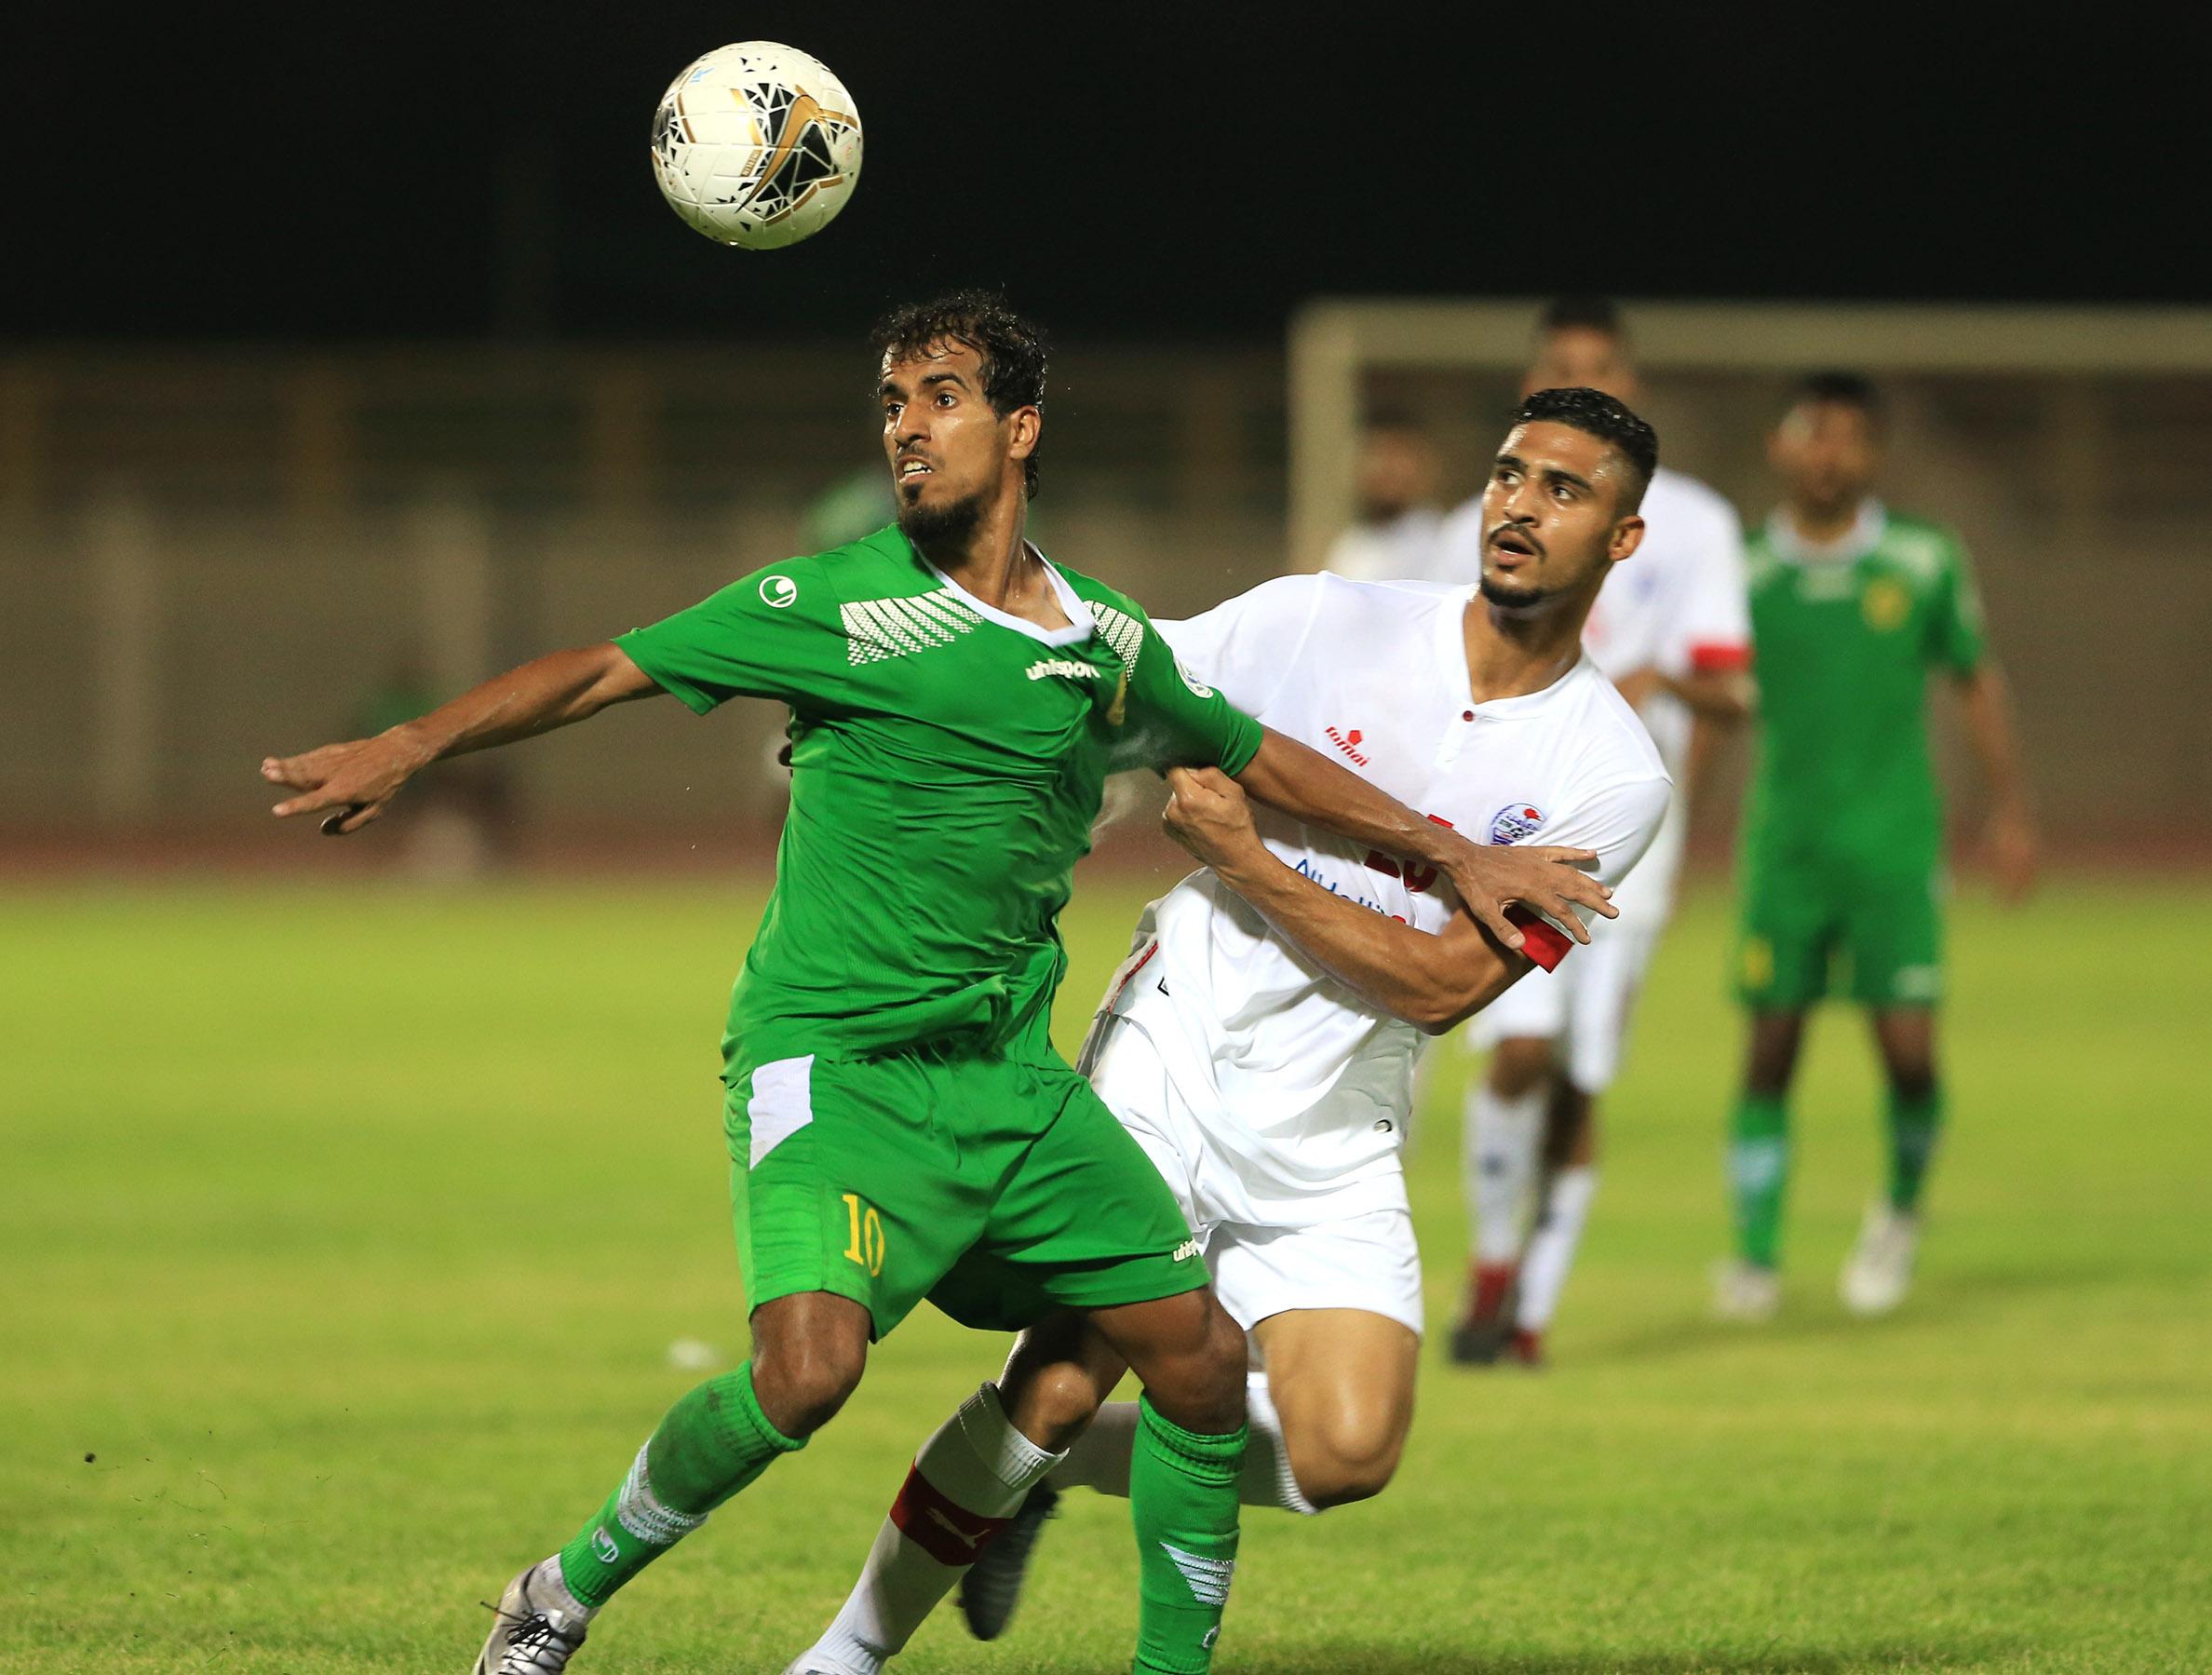 ستره البحريني يتعادل إيجابياً  مع الخليج في المباراة الودية الإعدادية لمنافسات دوري الأمير محمد بن سلمان